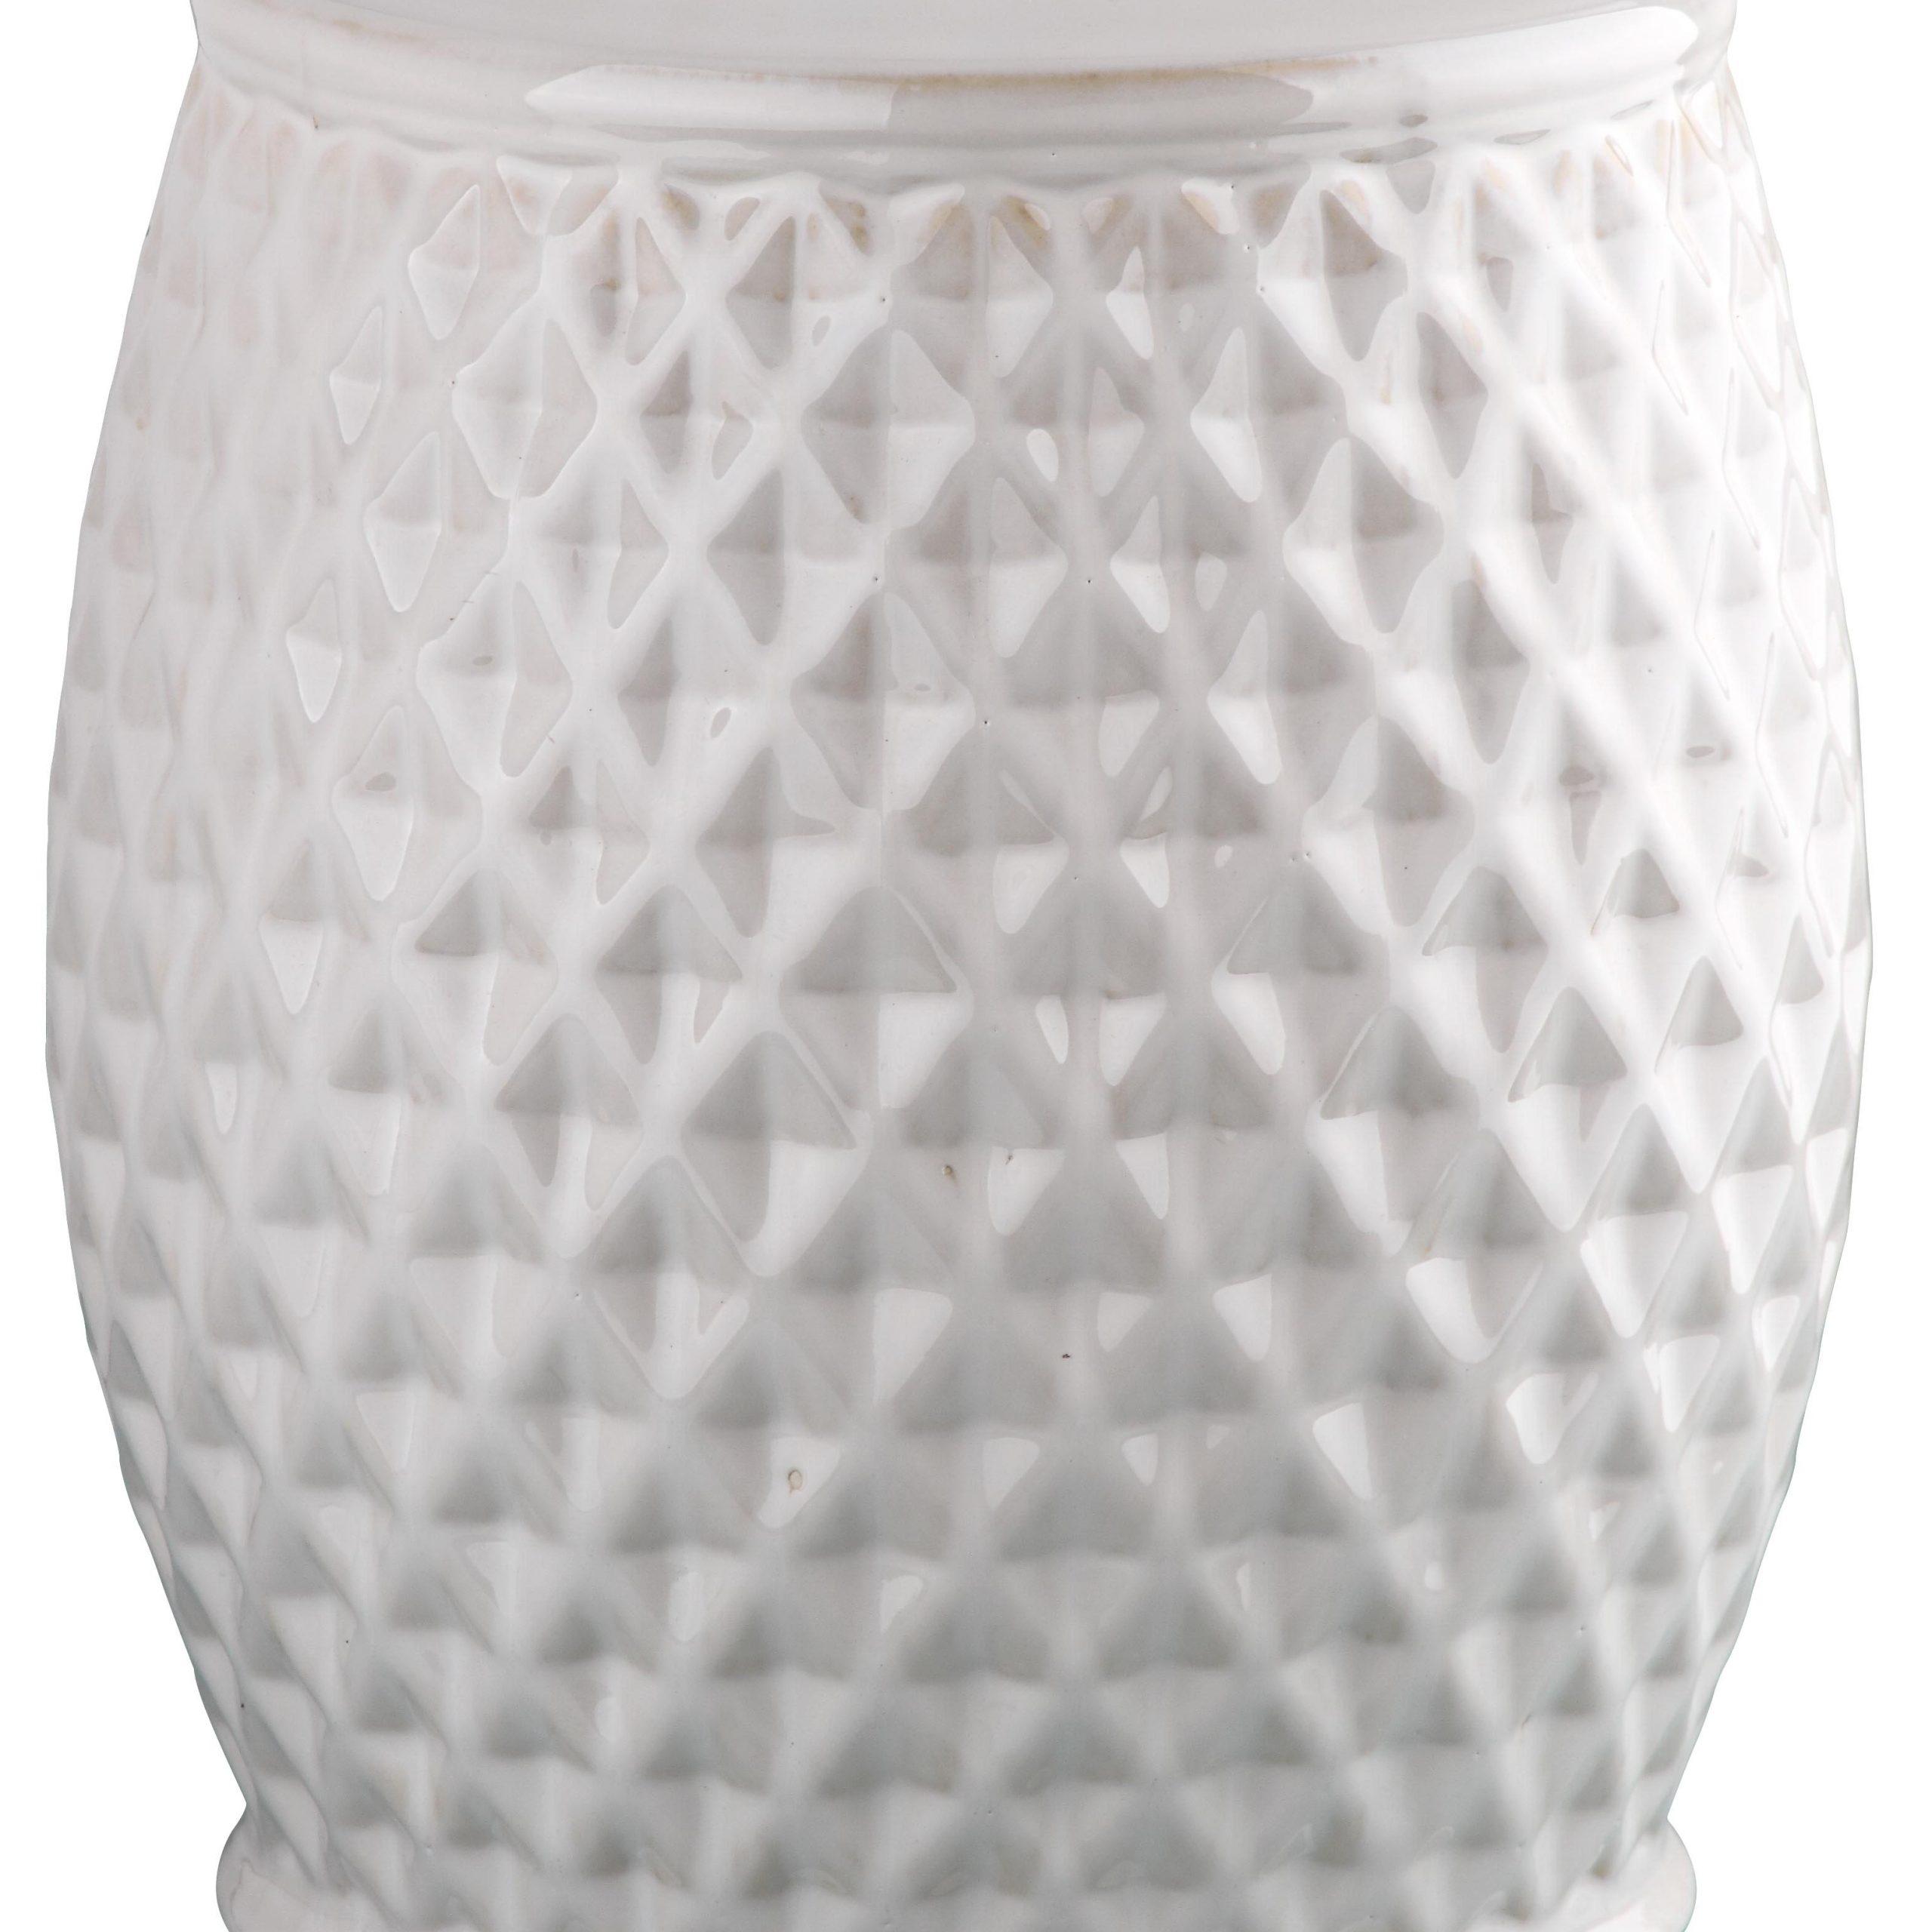 Wayfair Intended For Famous Engelhardt Ceramic Garden Stools (View 11 of 30)